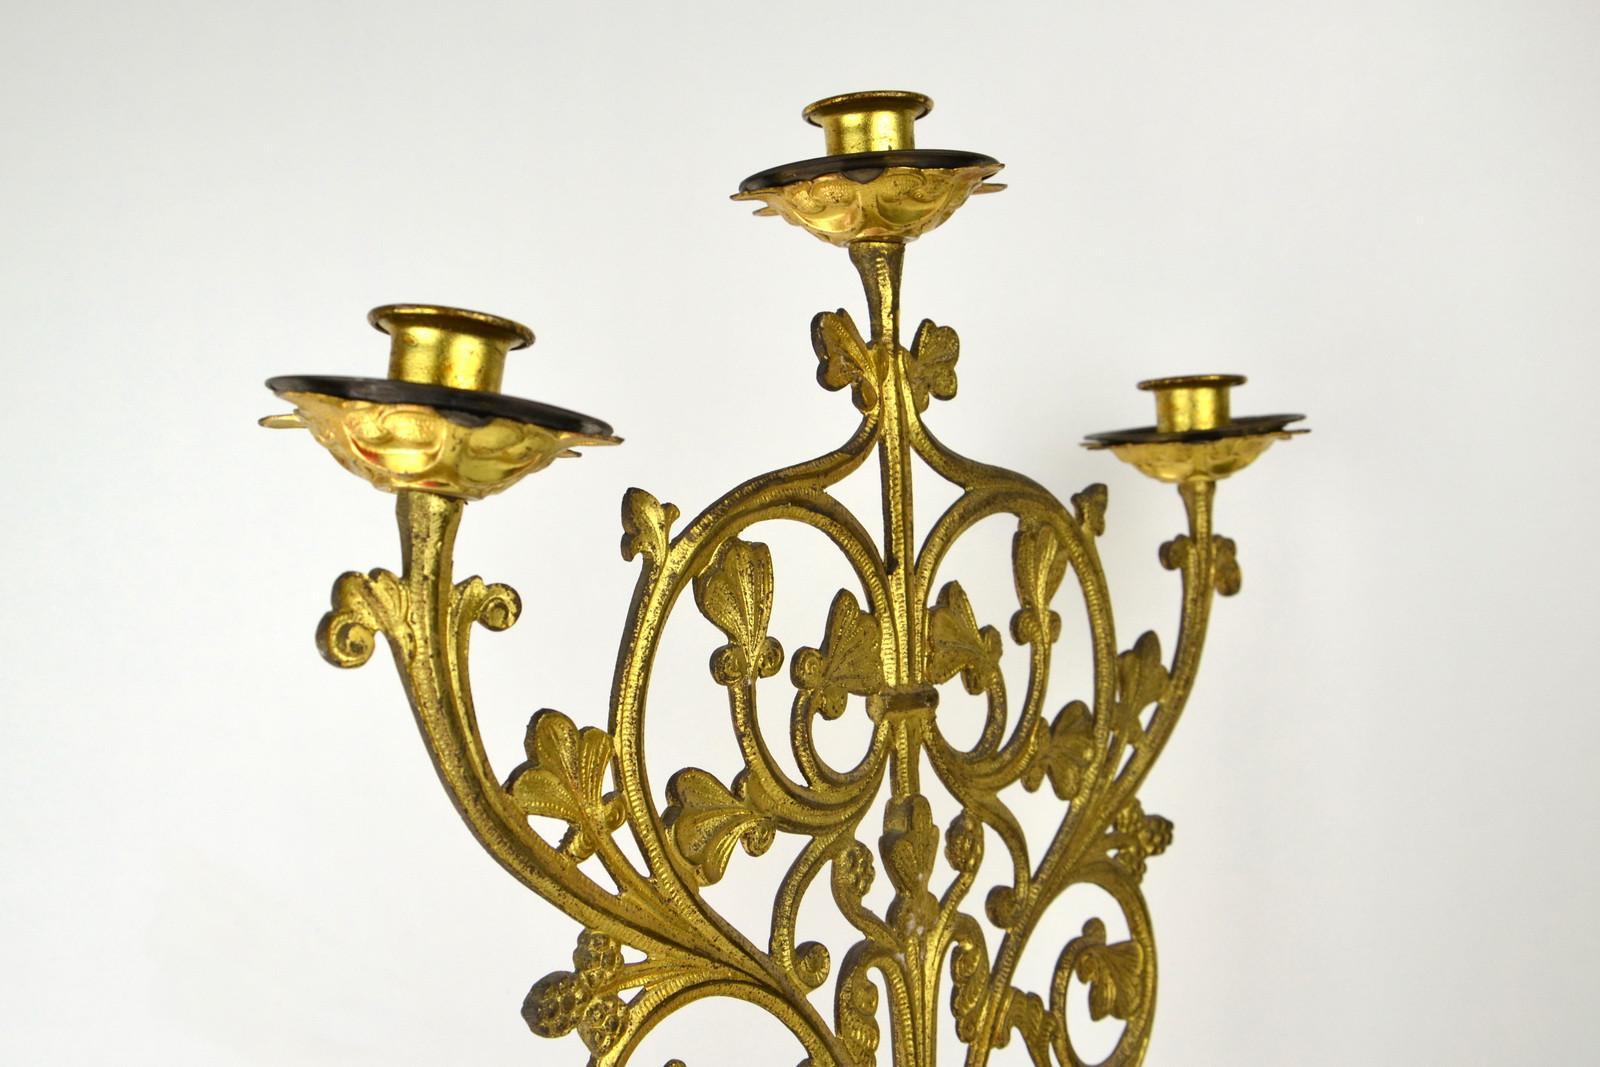 candelabro-antico-bronzo-dorato-4,1547.jpg?WebbinsCacheCounter=1